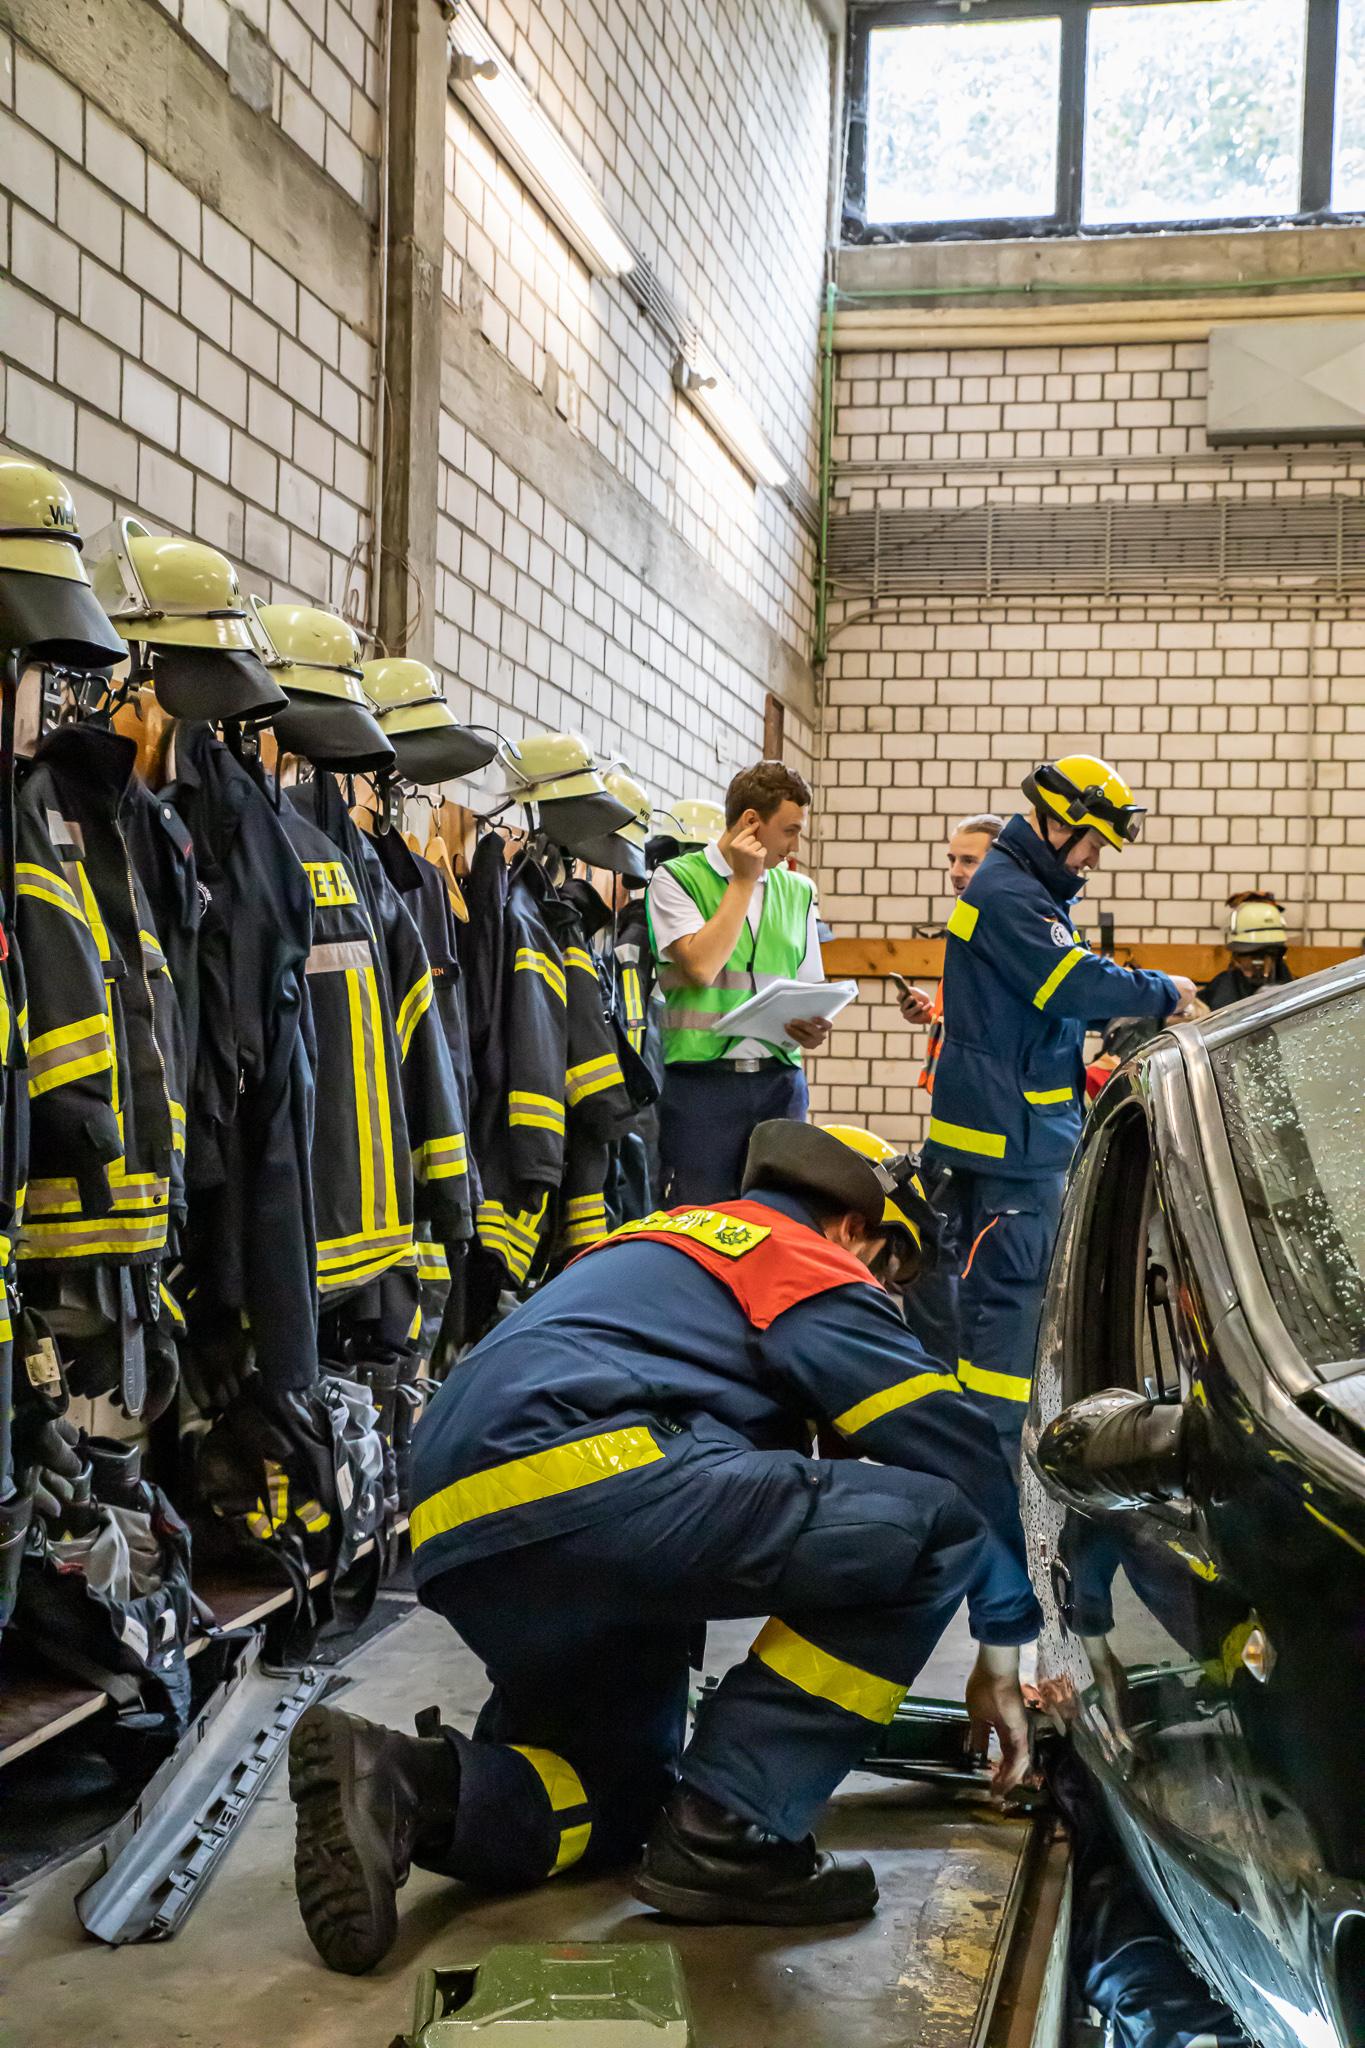 FeuerwehrSim 2019 Werkstatt-3